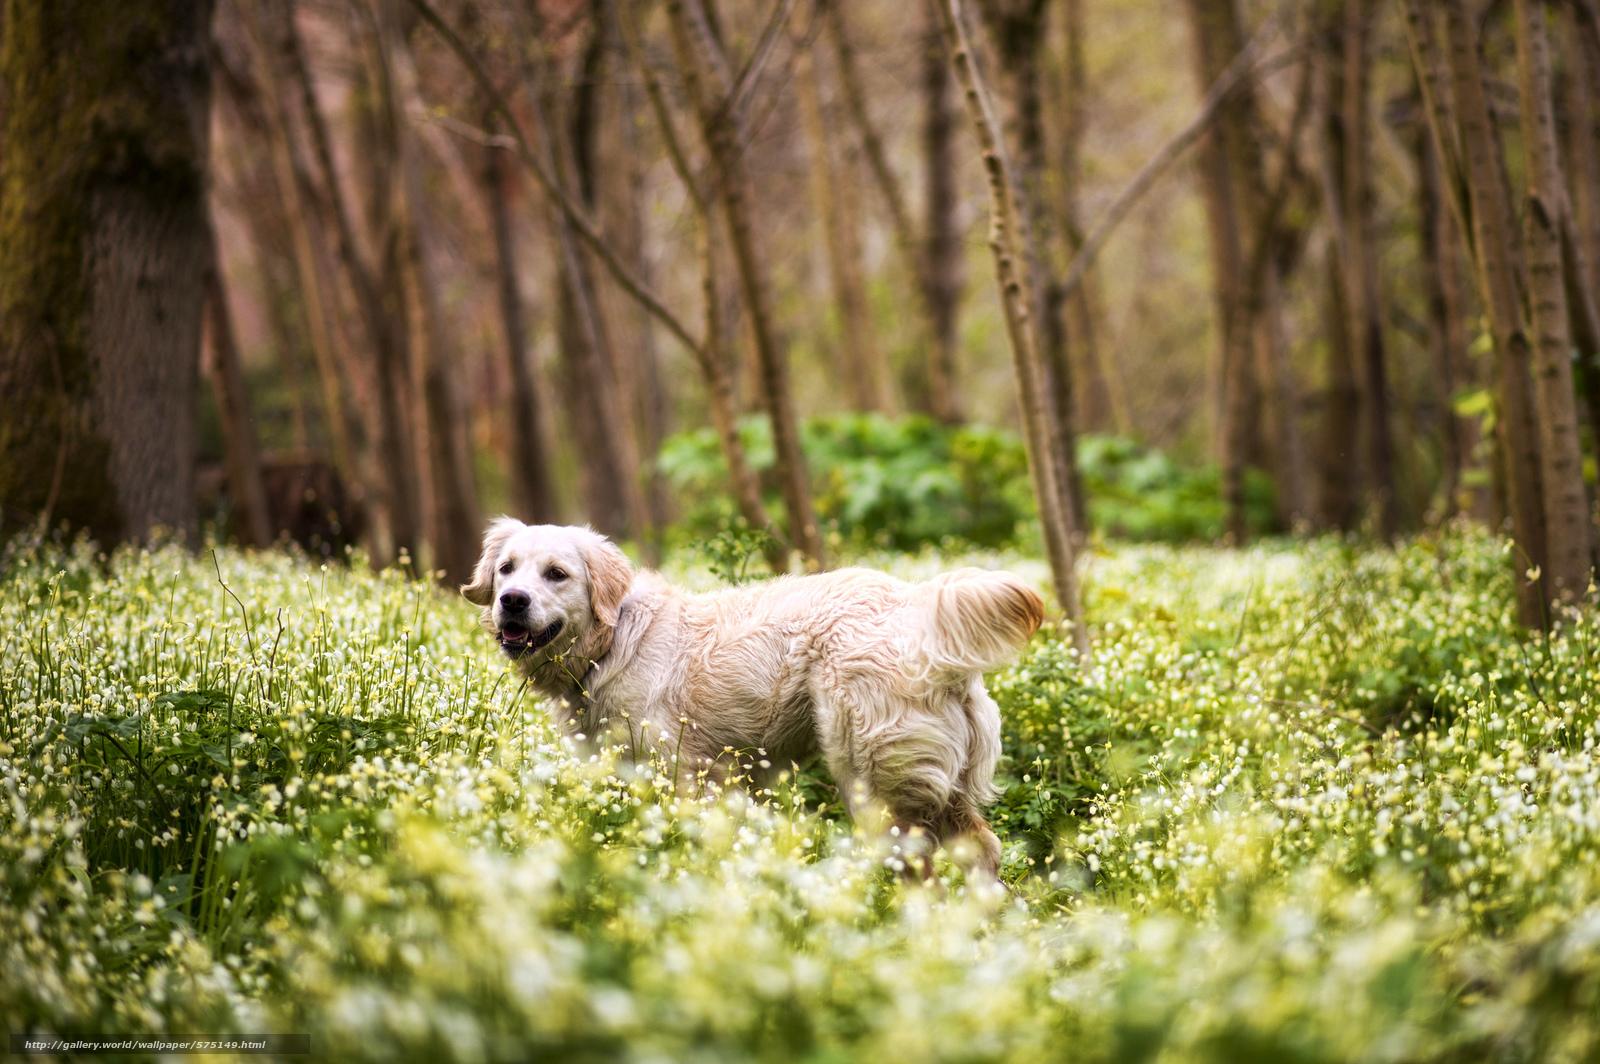 Tlcharger Fond d'ecran Fleurs,  forêt,  Retriever,  chien Fonds d'ecran gratuits pour votre rsolution du bureau 2048x1362 — image №575149